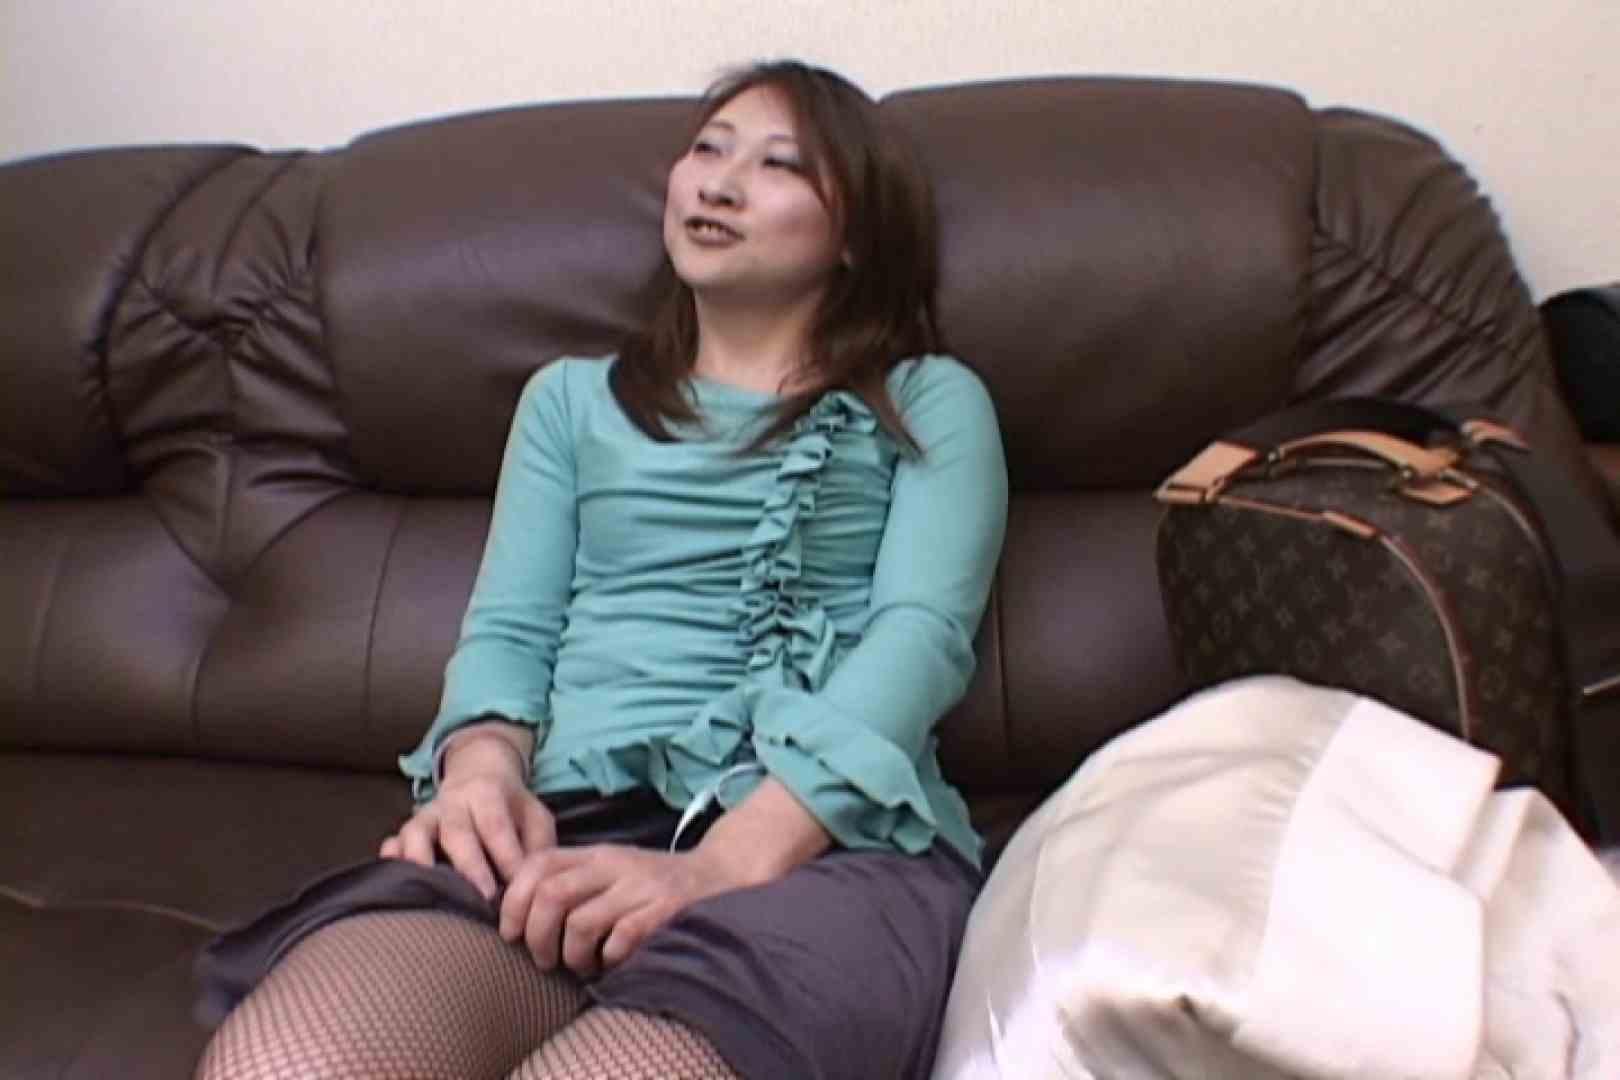 オナニー好きの綺麗なお姉さんと楽しくSEX~姫野あかね~ オナニー特集 | 企画物  53画像 30